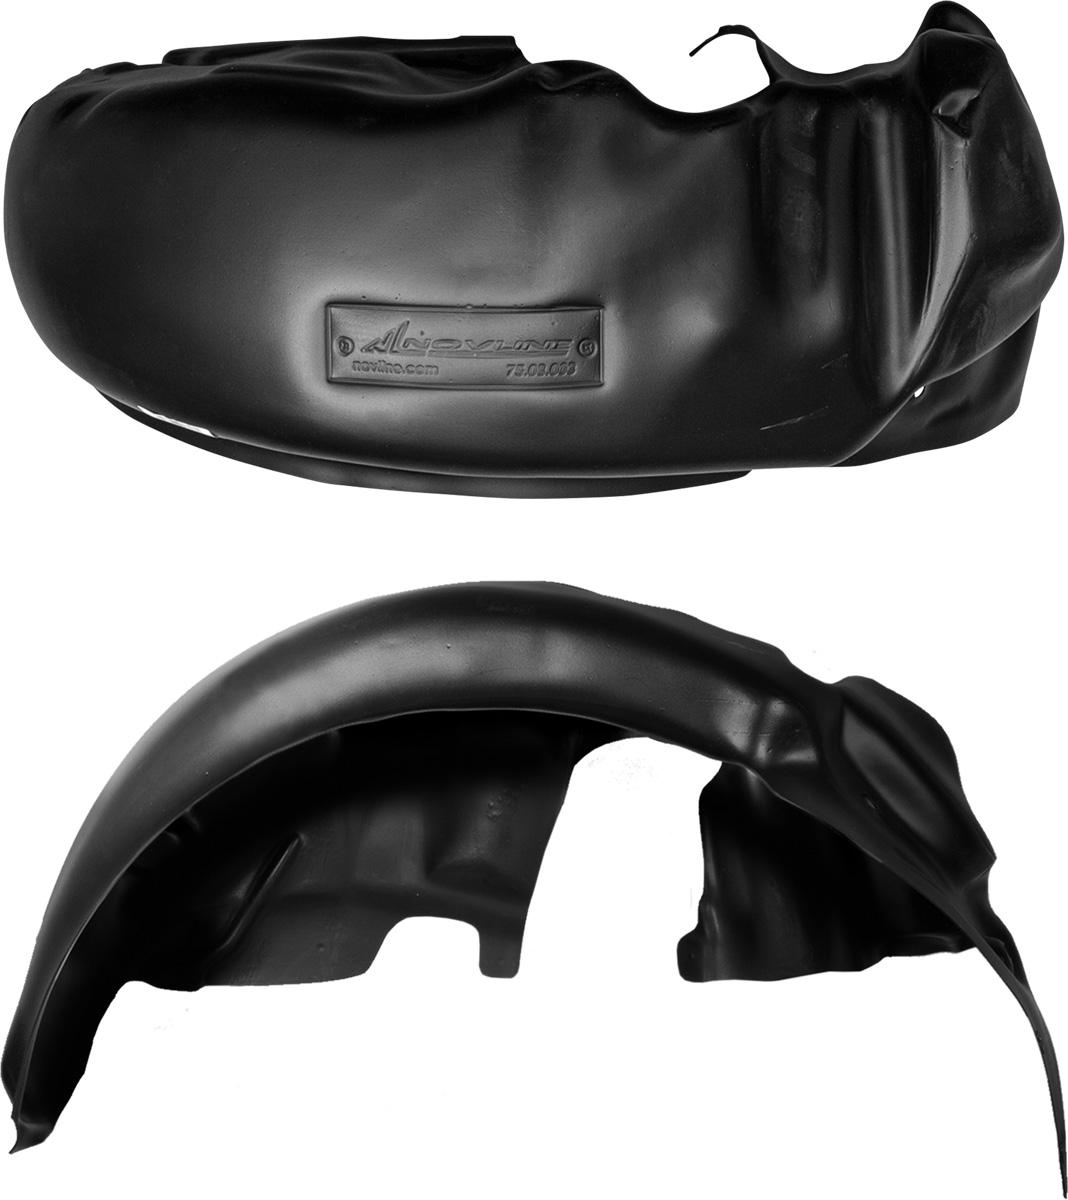 Подкрылок Novline-Autofamily, для Lada Vesta, 2015 ->, седан (передний левый)NLL.52.33.001Подкрылок выполнен из высококачественного, экологически чистого пластика. Обеспечивает надежную защиту кузова автомобиля от пескоструйного эффекта и негативного влияния, агрессивных антигололедных реагентов. Пластик обладает более низкой теплопроводностью, чем металл, поэтому в зимний период эксплуатации использование пластиковых подкрылков позволяет лучше защитить колесные ниши от налипания снега и образования наледи. Оригинальность конструкции подчеркивает элегантность автомобиля, бережно защищает нанесенное на днище кузова антикоррозийное покрытие и позволяет осуществить крепление подкрылка внутри колесной арки практически без дополнительного крепежа и сверления, не нарушая при этом лакокрасочного покрытия, что предотвращает возникновение новых очагов коррозии. Технология крепления подкрылка на иномарки принципиально отличается от крепления на российские автомобили и разрабатывается индивидуально для каждой модели автомобиля. Подкрылок долговечен, обладает высокой прочностью и...